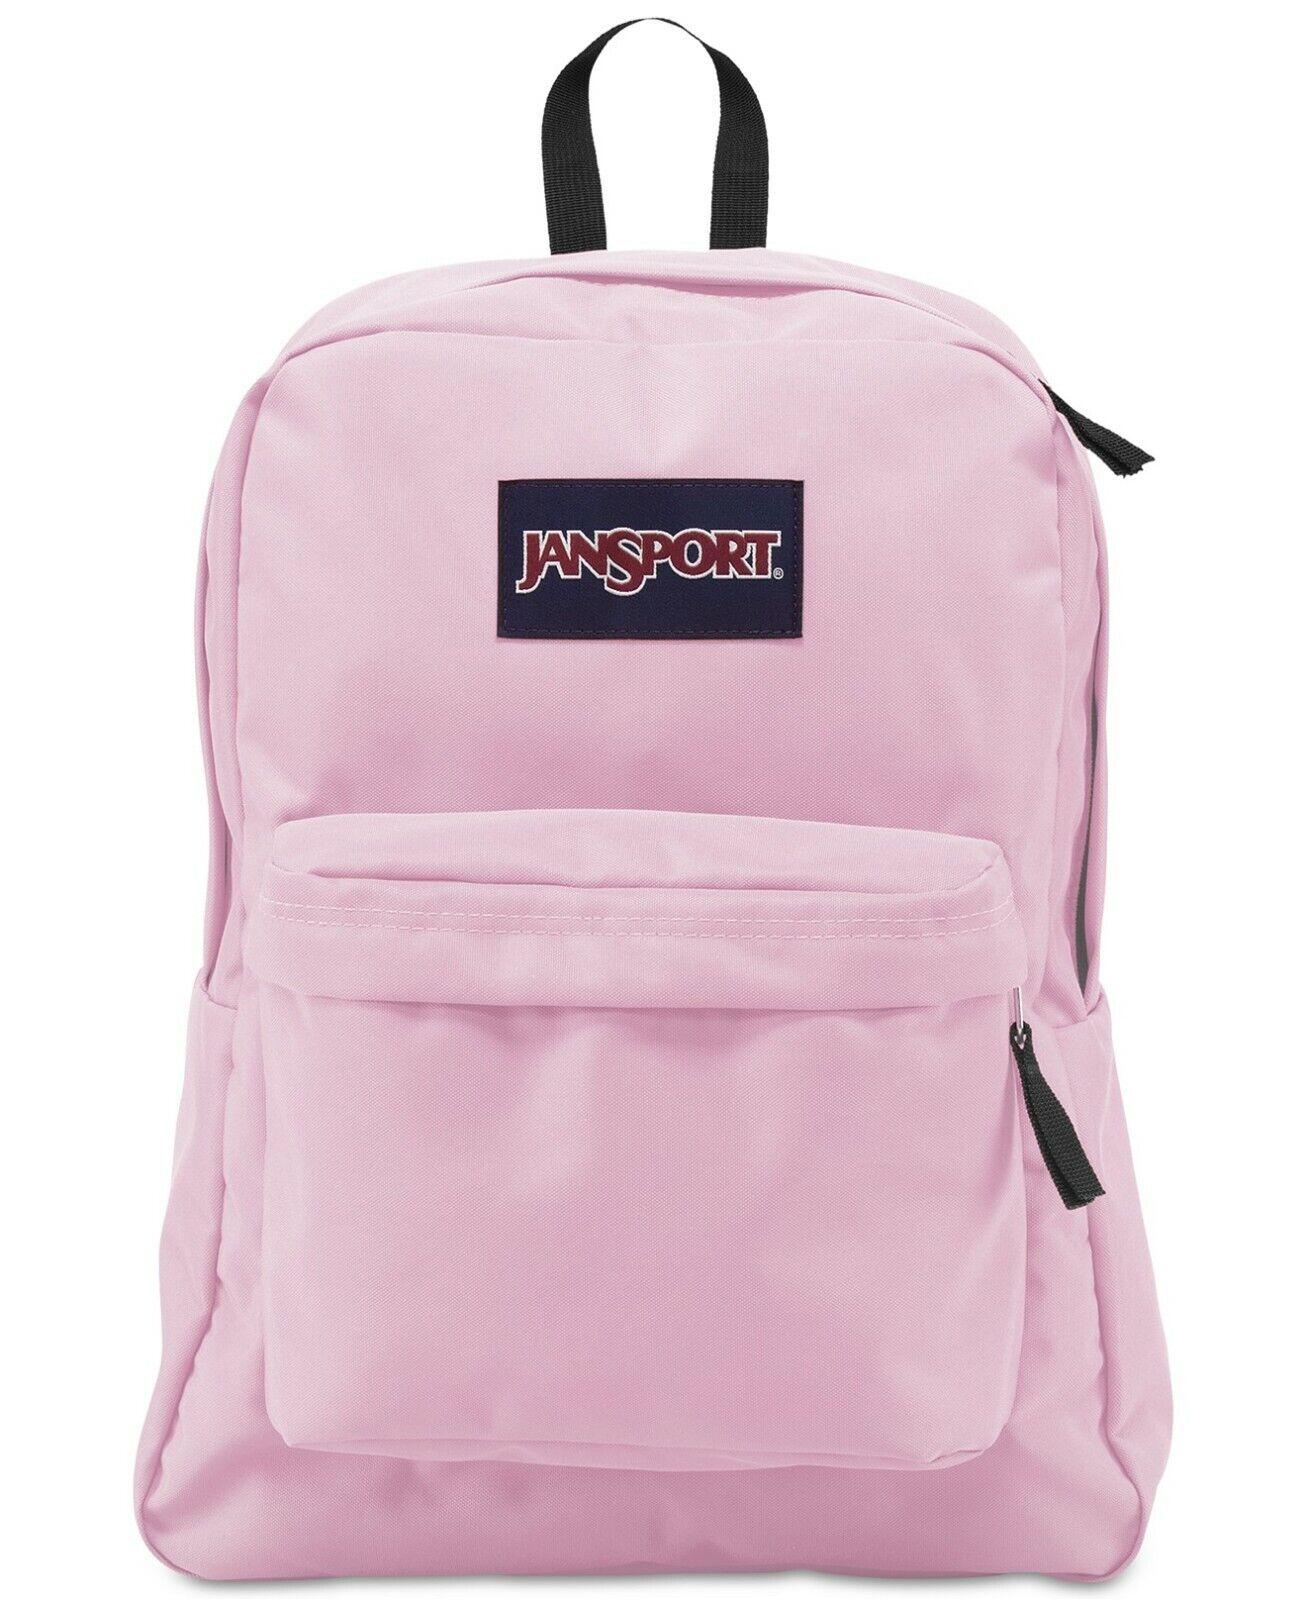 JANSPORT SuperBreak PINK MIST Backpack FREE Shipping! New wi